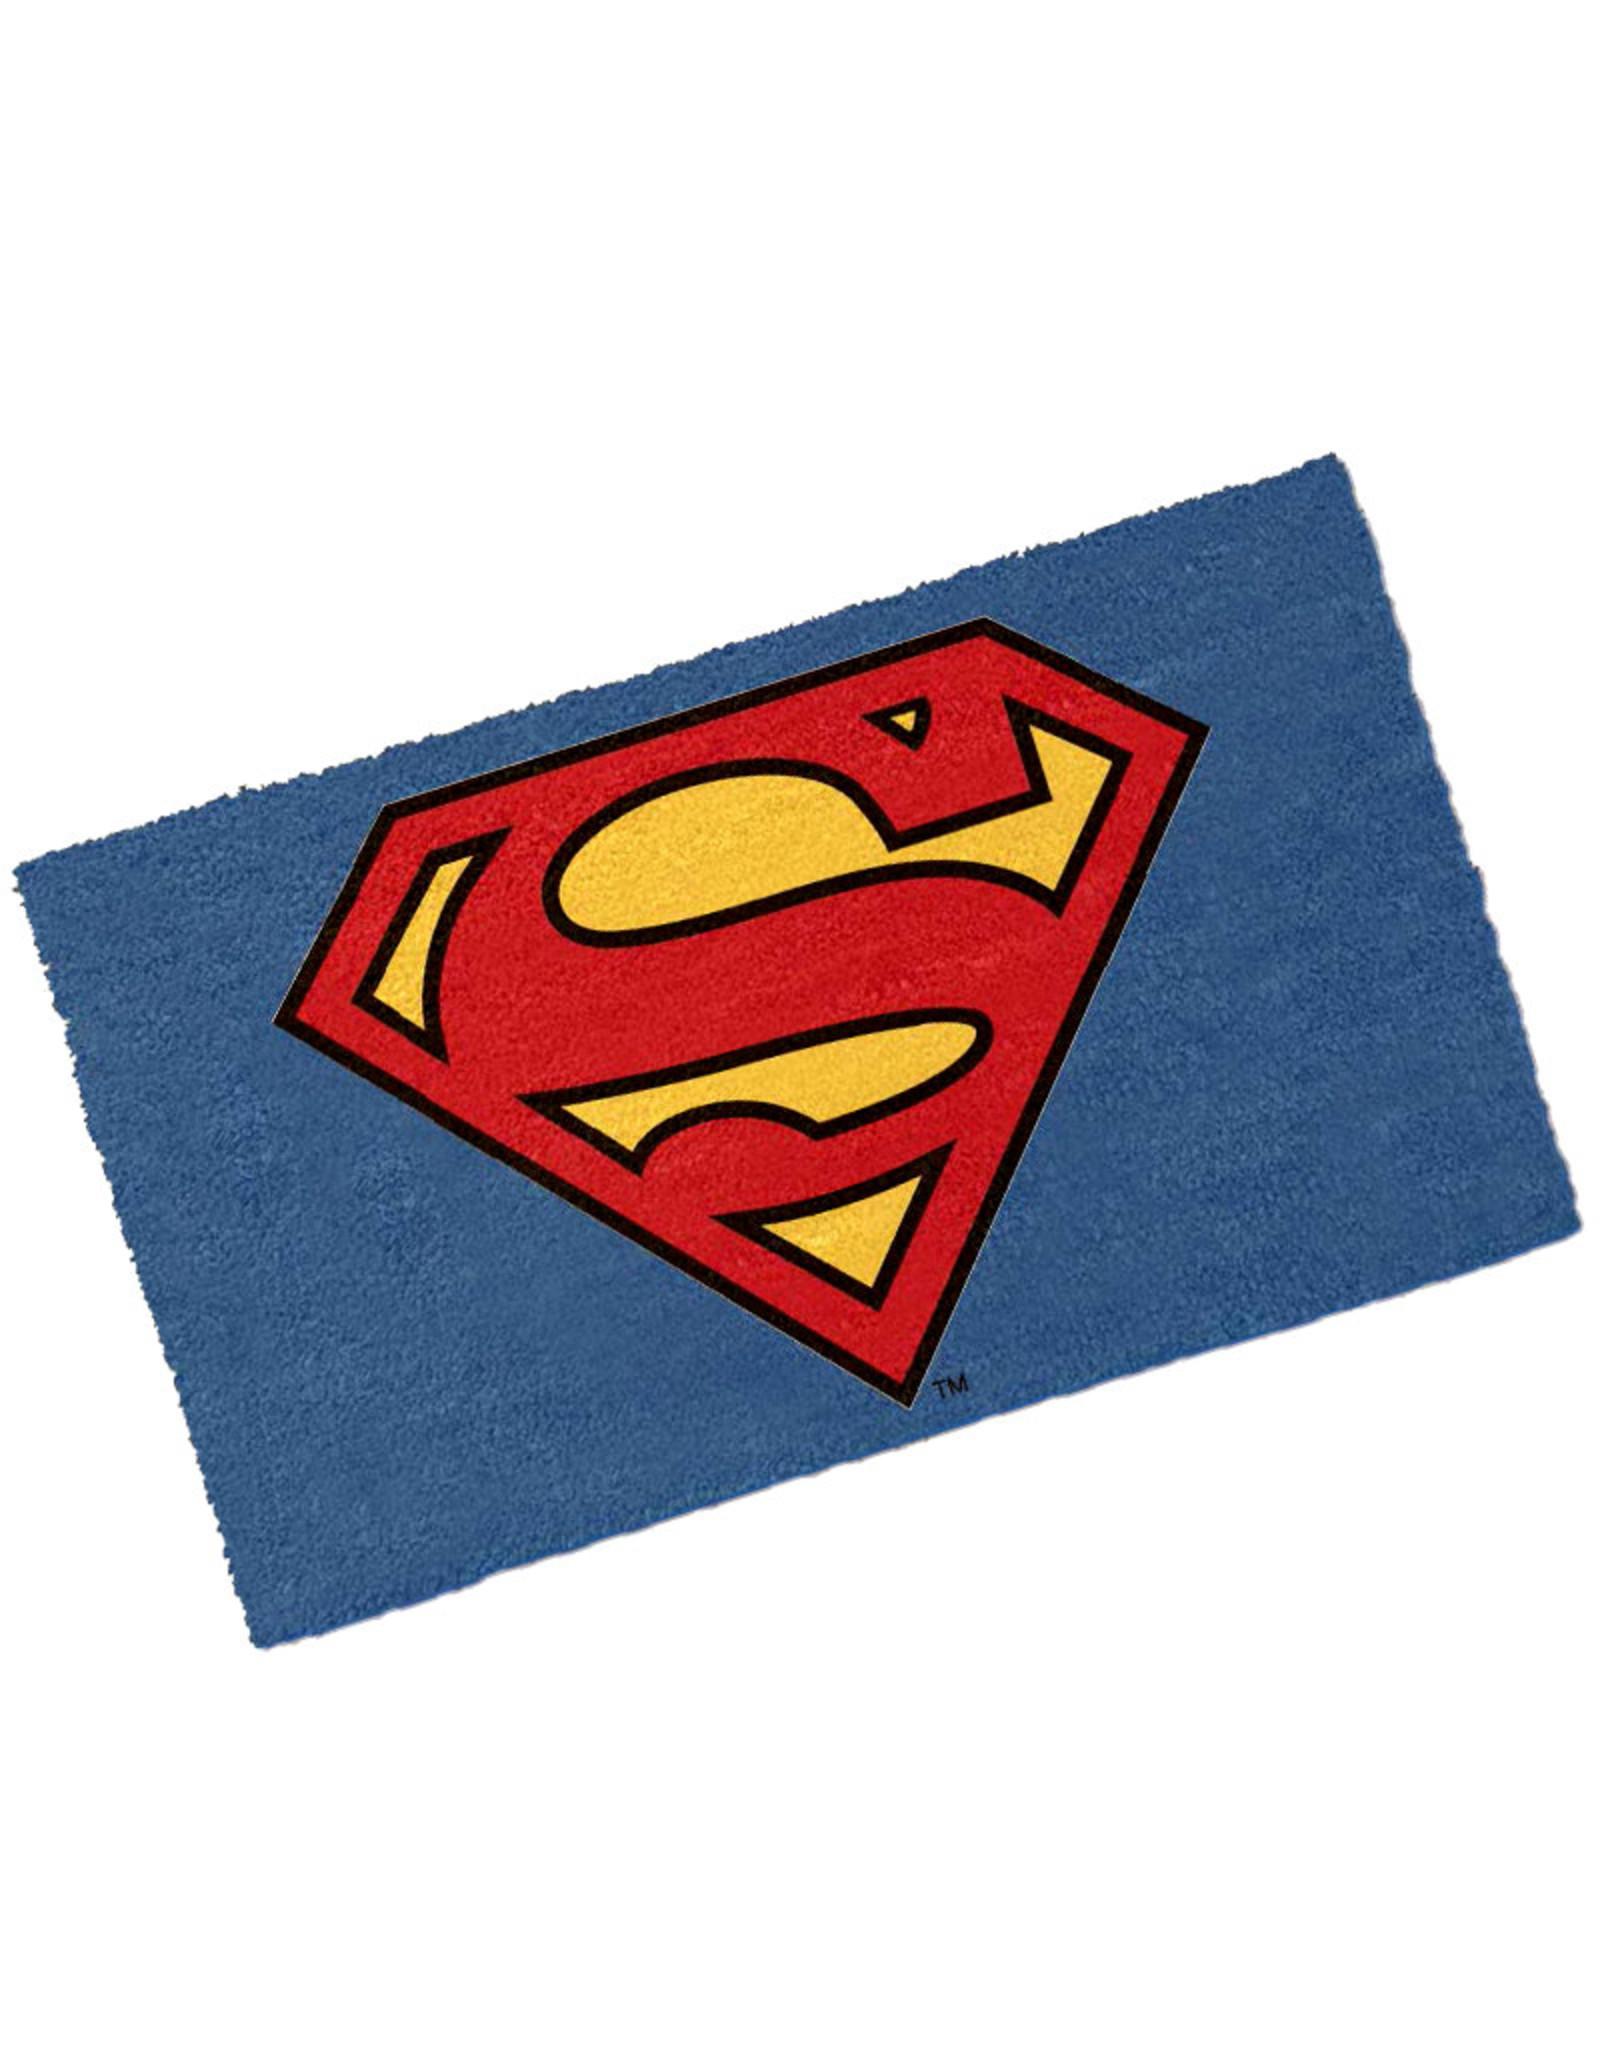 Dc Comics ( Doormat ) Superman logo